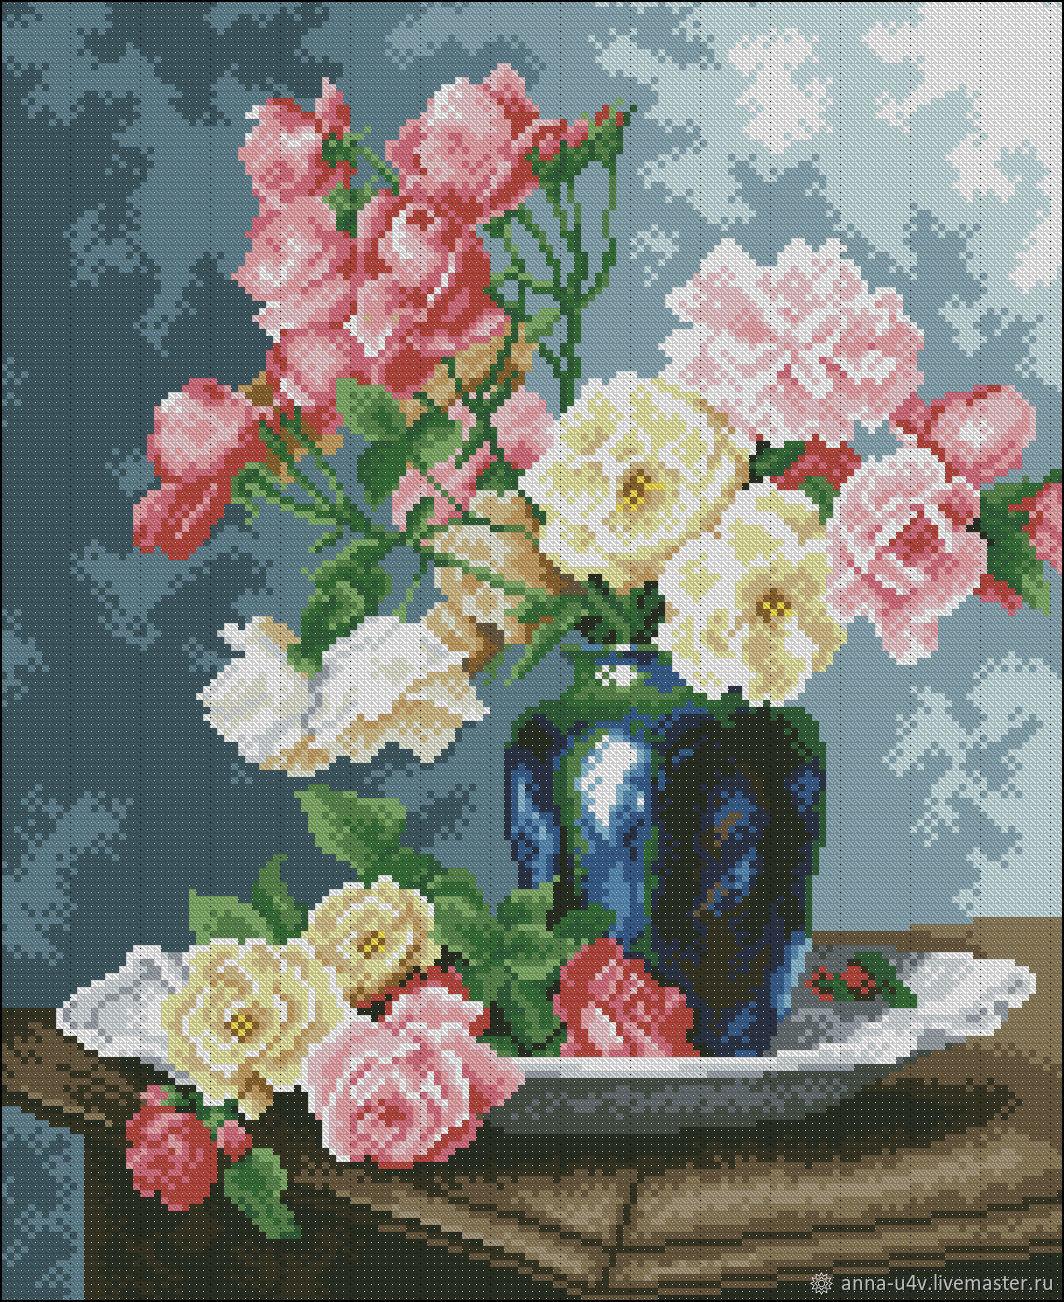 Натюрморт с розами, Схемы для вышивки, Брянск,  Фото №1